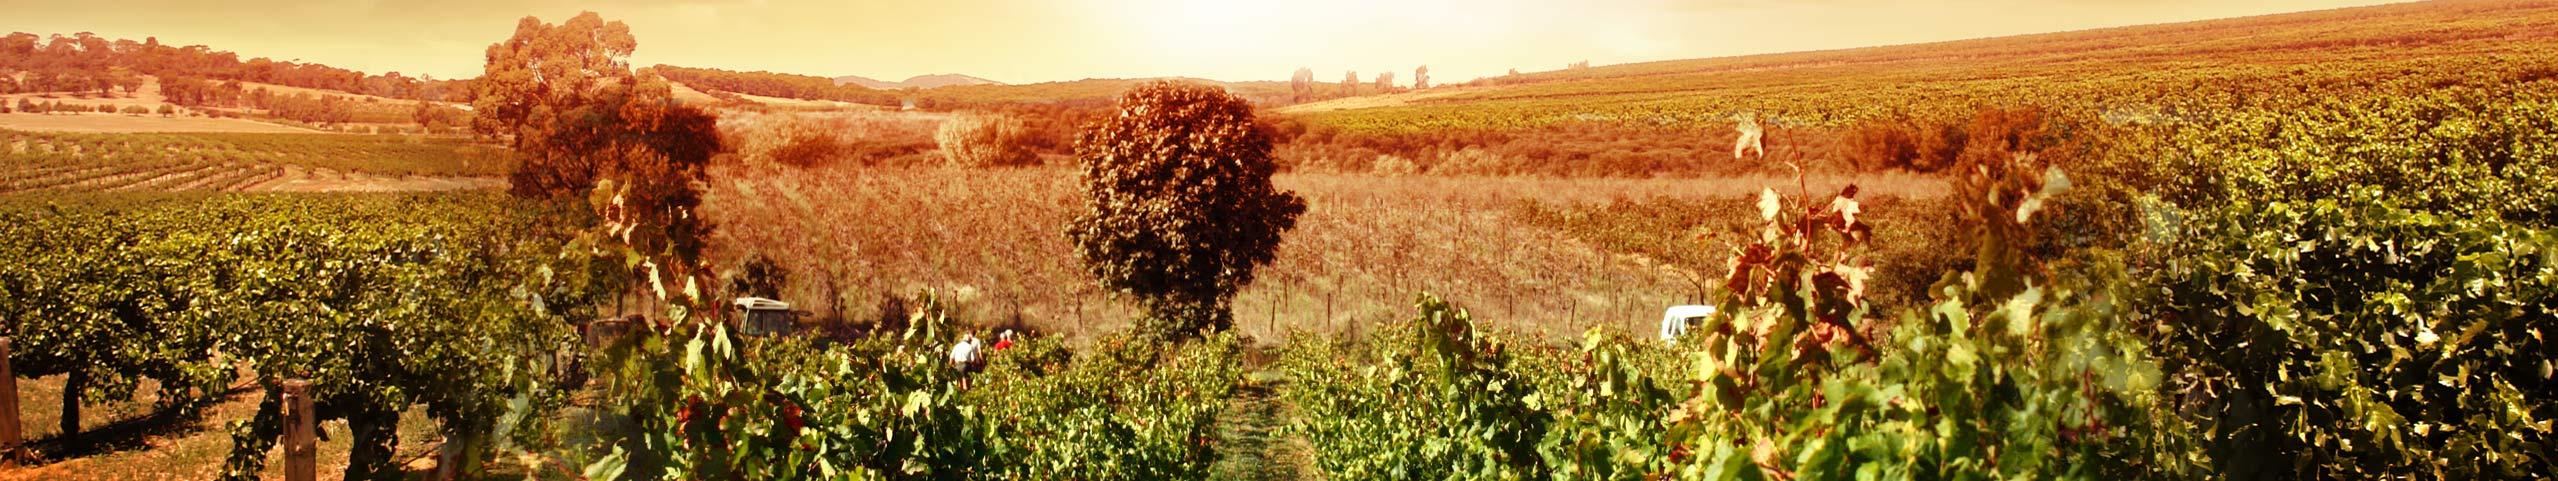 paysage-montblanc-domaine-des-amiels-vigneron-en-languedoc